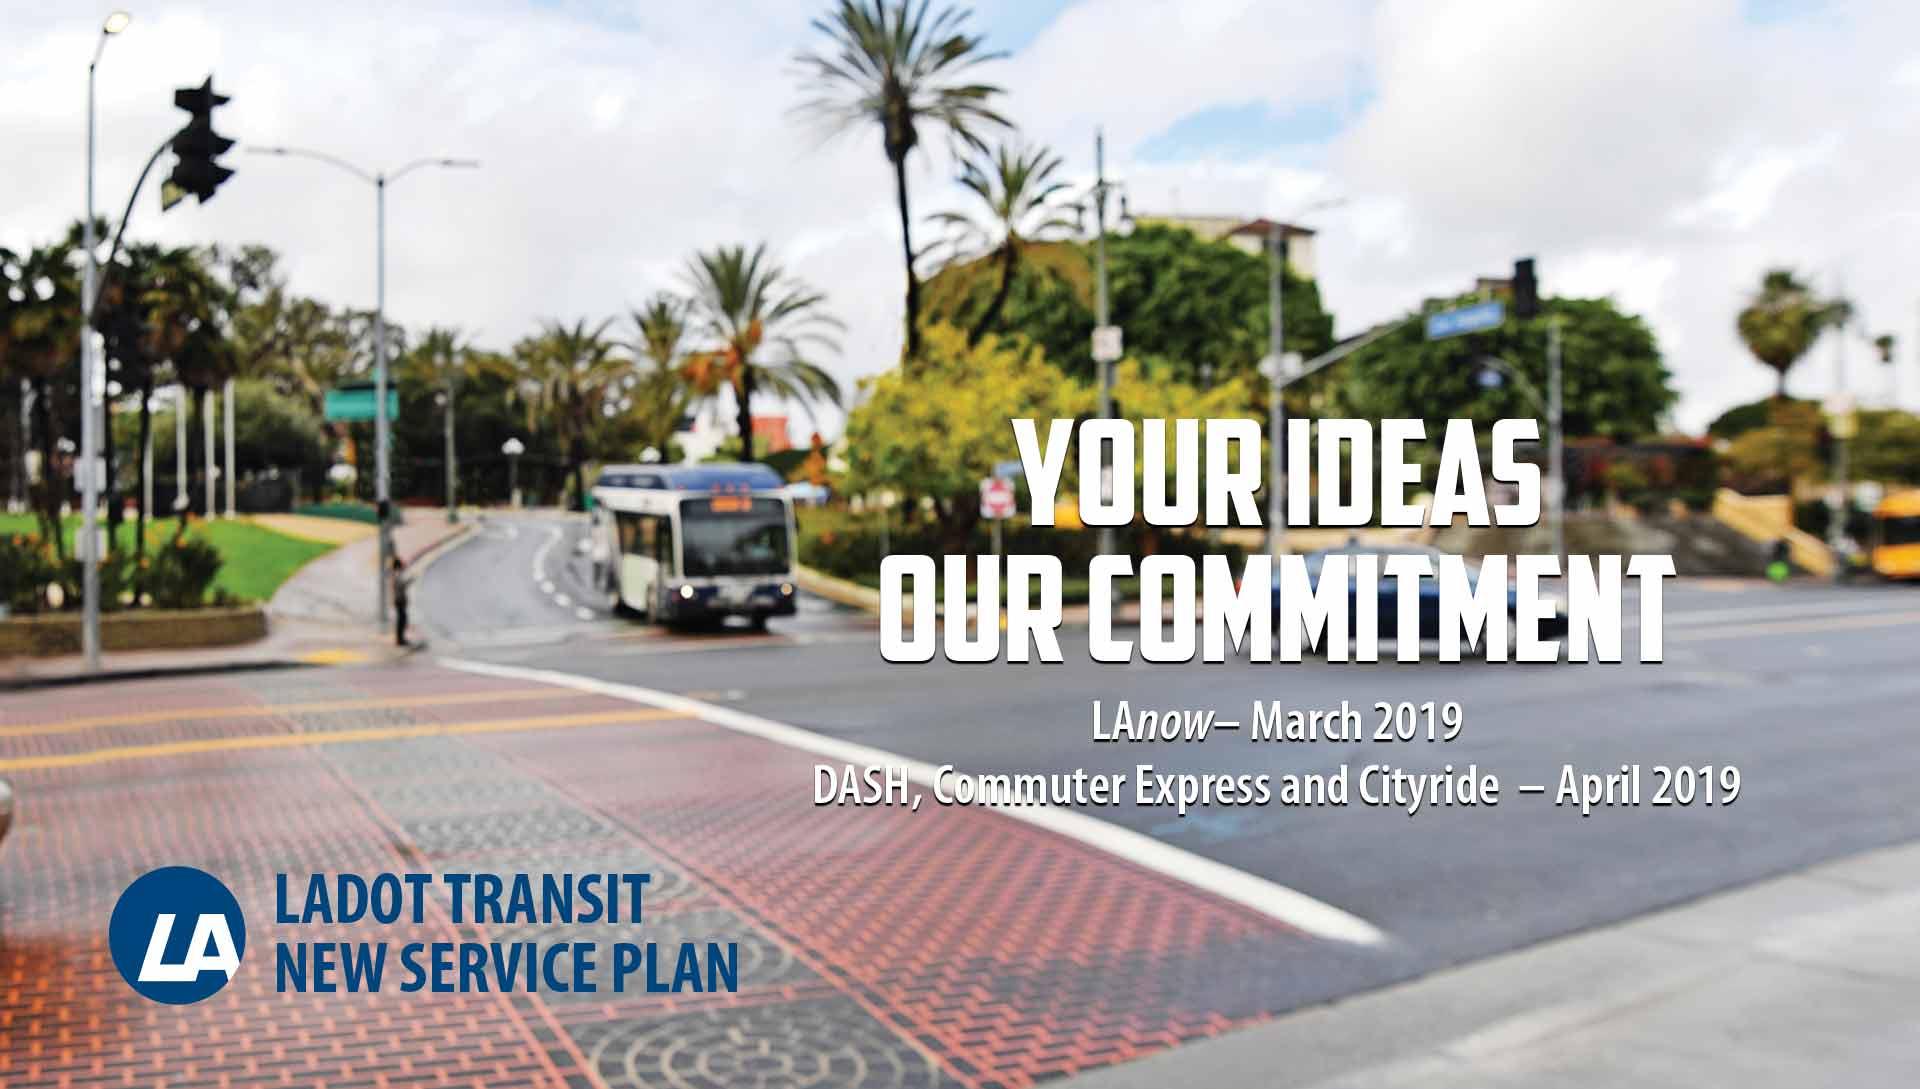 News & Service Alerts - LADOT Transit